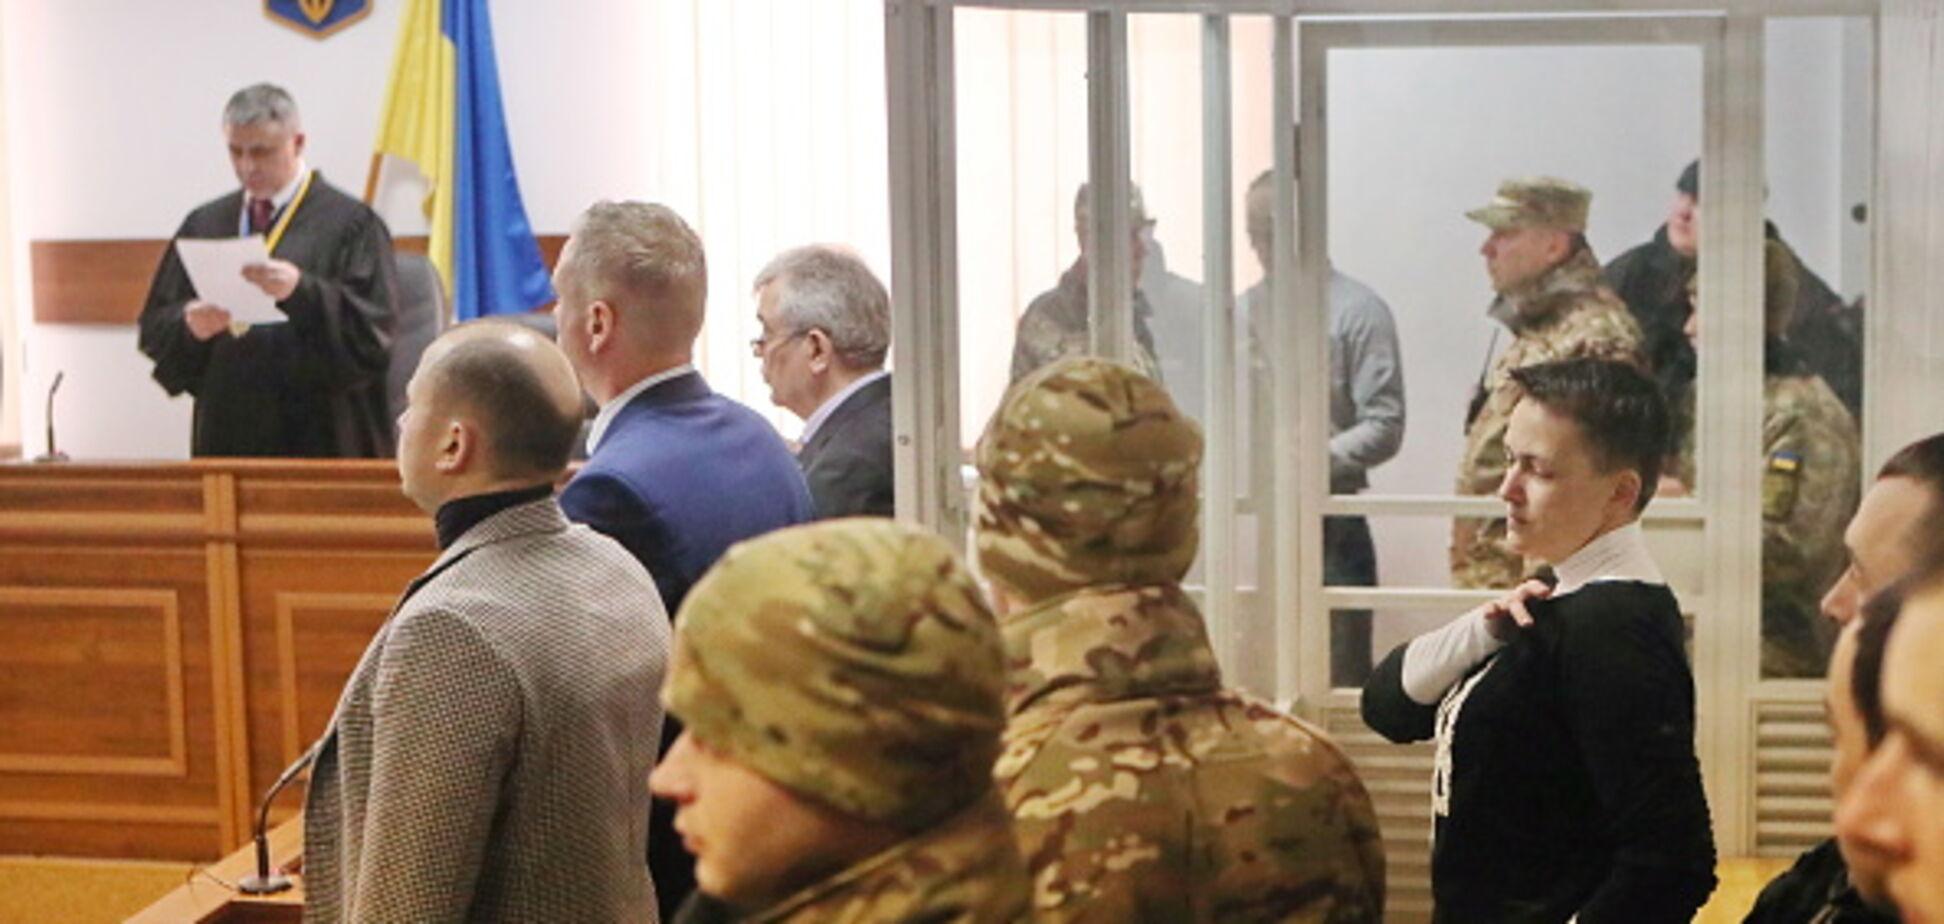 'Могу сказать о пленных': Савченко рассказала о приглашении в Россию